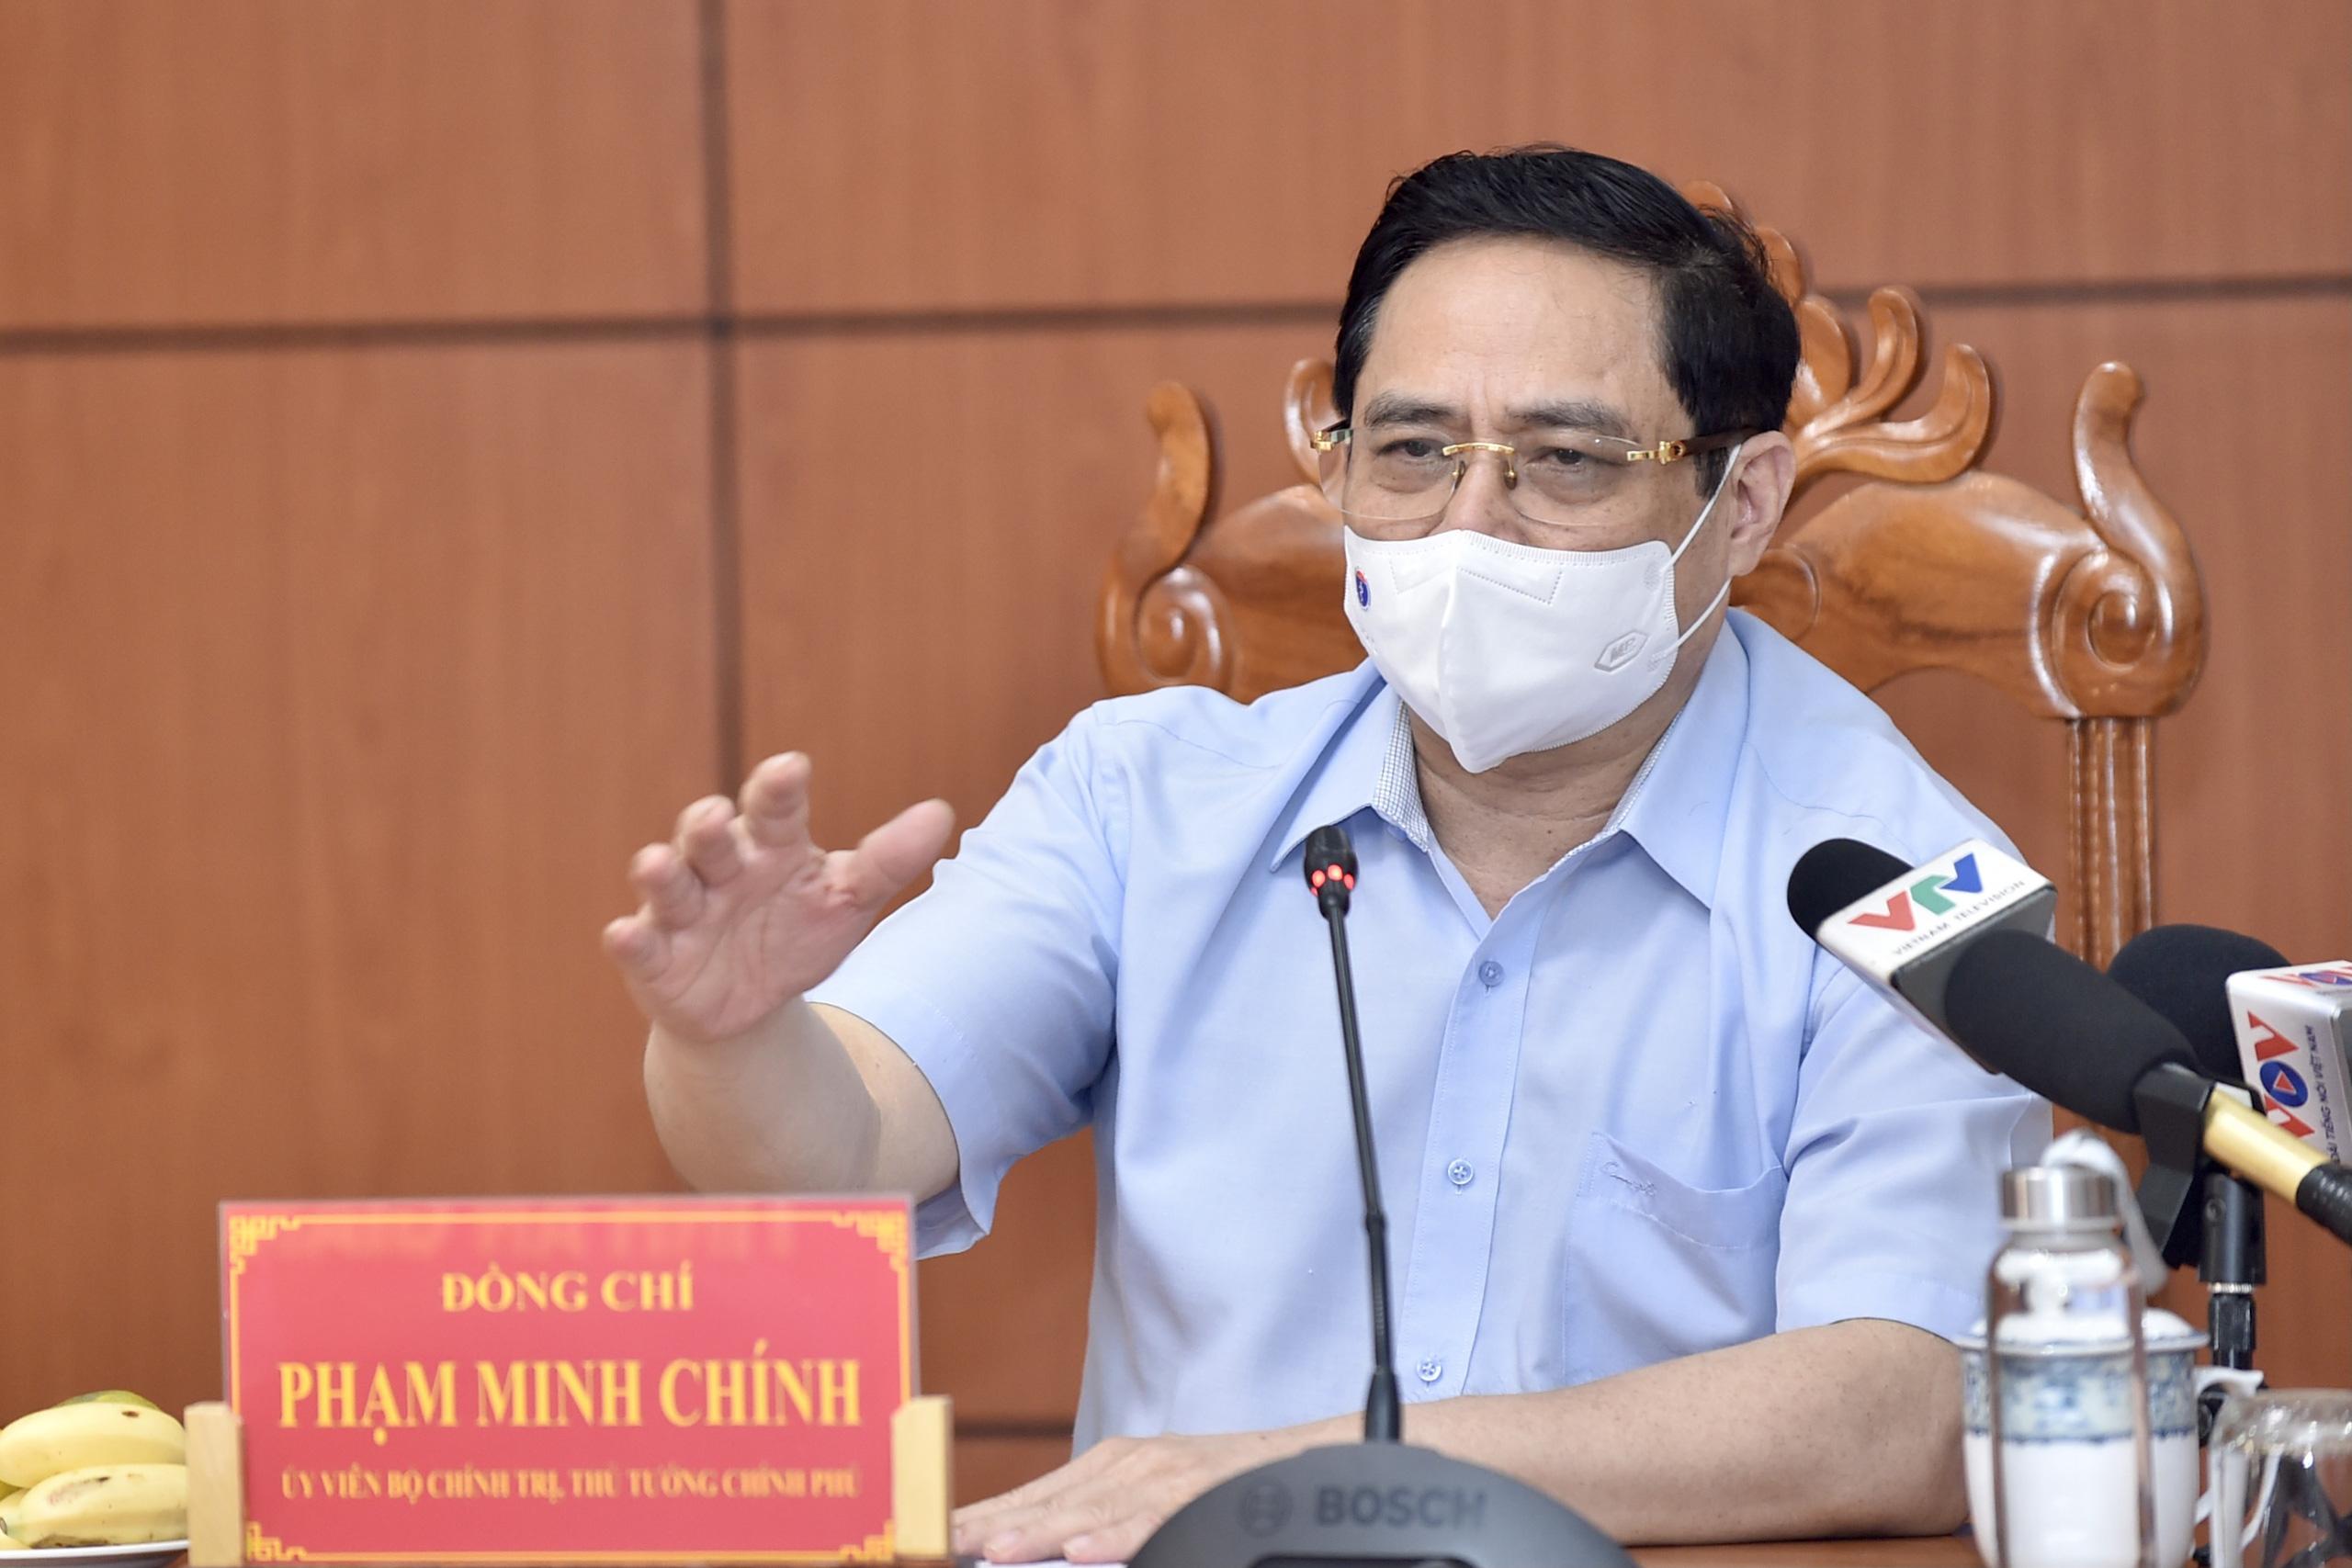 Thủ tướng họp khẩn với 6 tỉnh biên giới Tây Nam về phòng chống dịch COVID-19 - Ảnh 1.